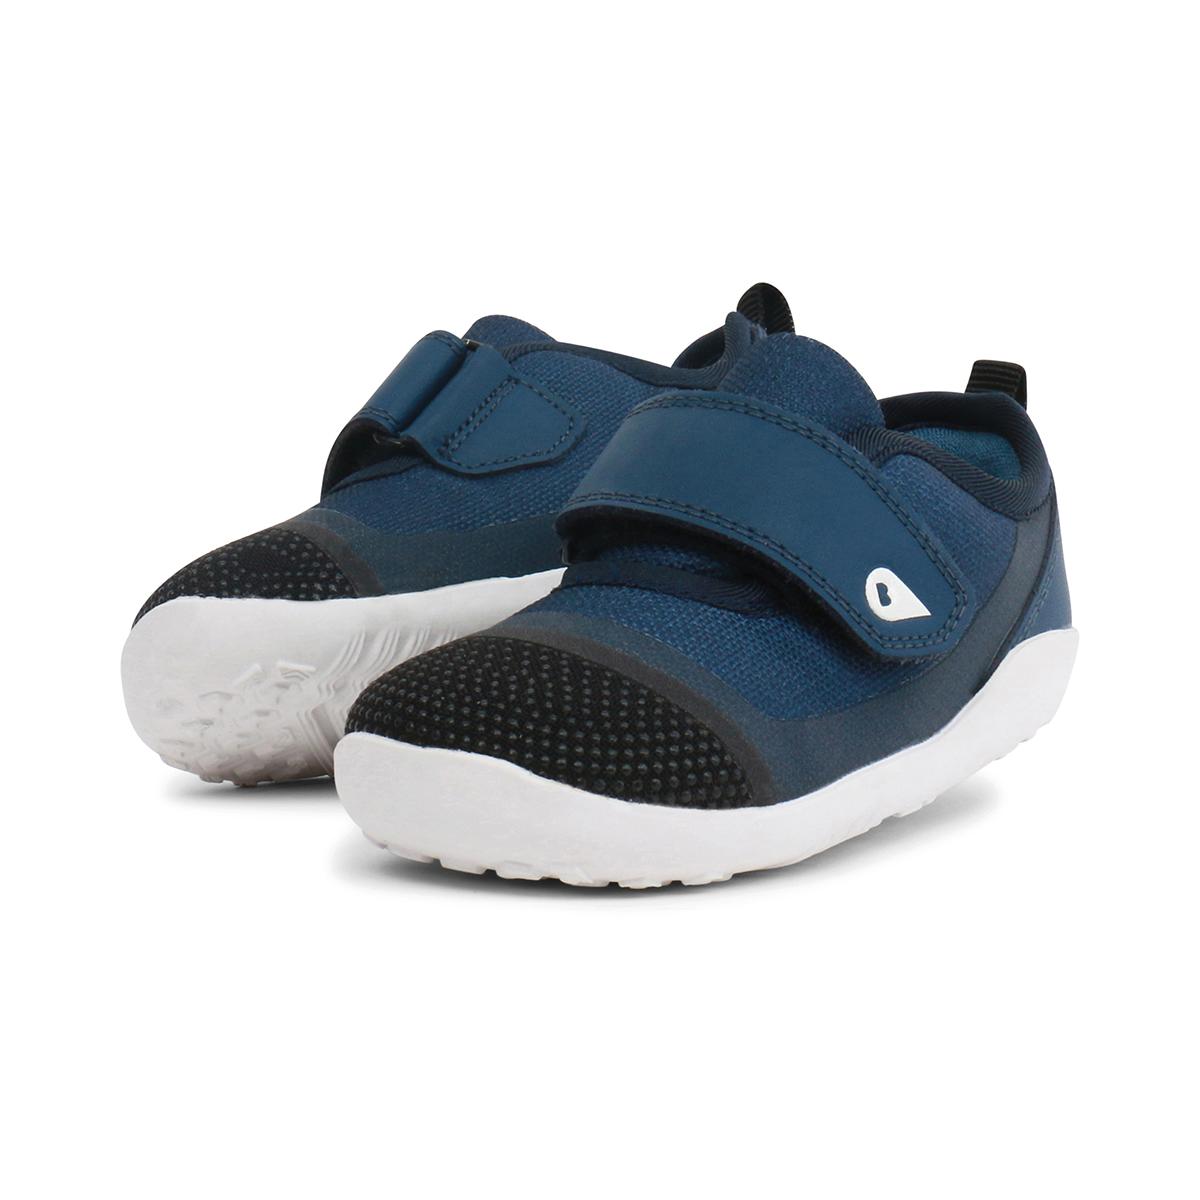 a815f1f317094 chaussures enfants Bobux pointure 18 à 33 - Lunaviolette e-boutique